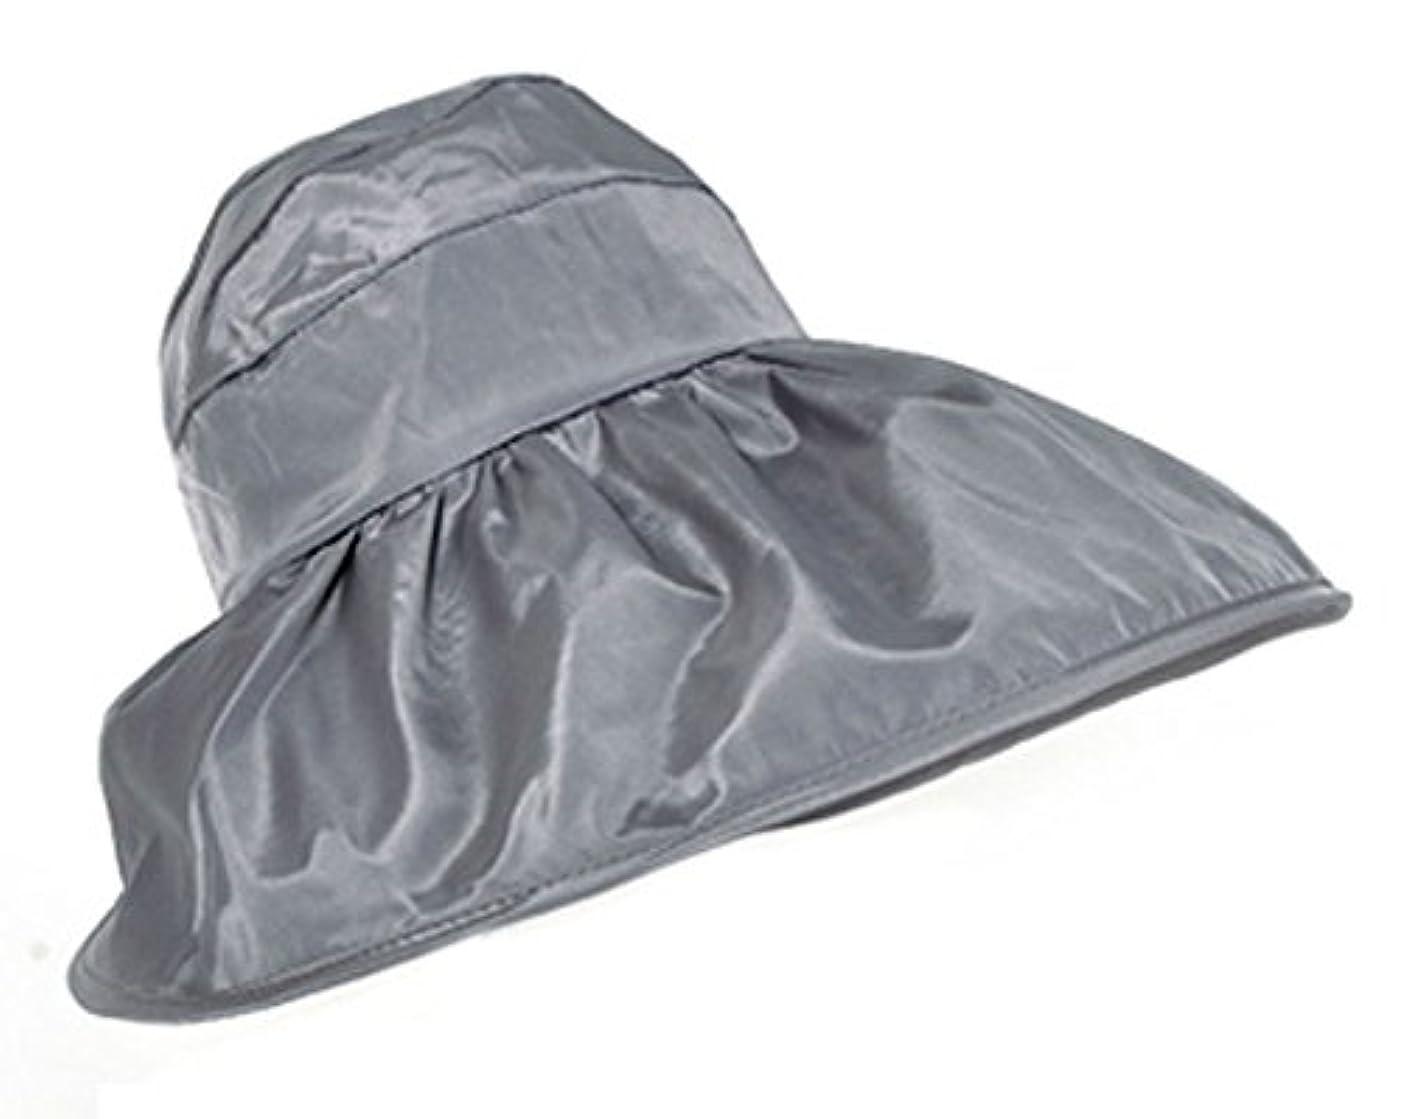 香りスキャンダラス居心地の良いFakeFace 夏 レディース 帽子 UVカット サンバイザー 紫外線対策 日よけ帽子 つば広 オシャレ ケープ ハット 日よけ 折りたたみ 防水 カジュアル 海 農作業 ぼうし サイズ調節可